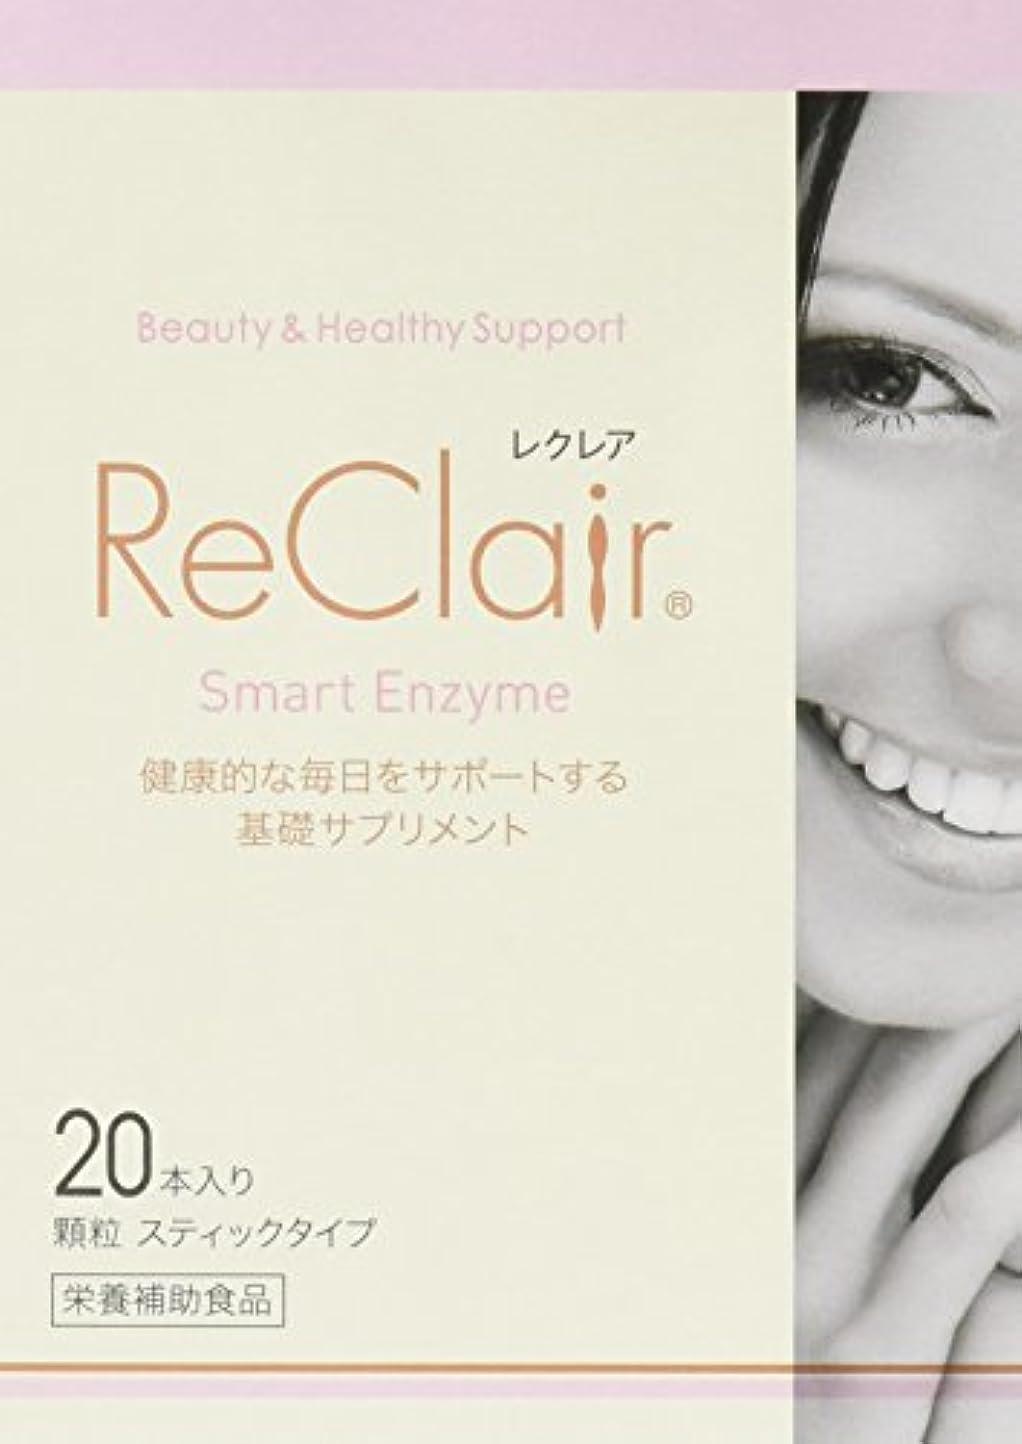 一般化する掻く半円ReClair(レクレア) 5箱セット (2g×20本)